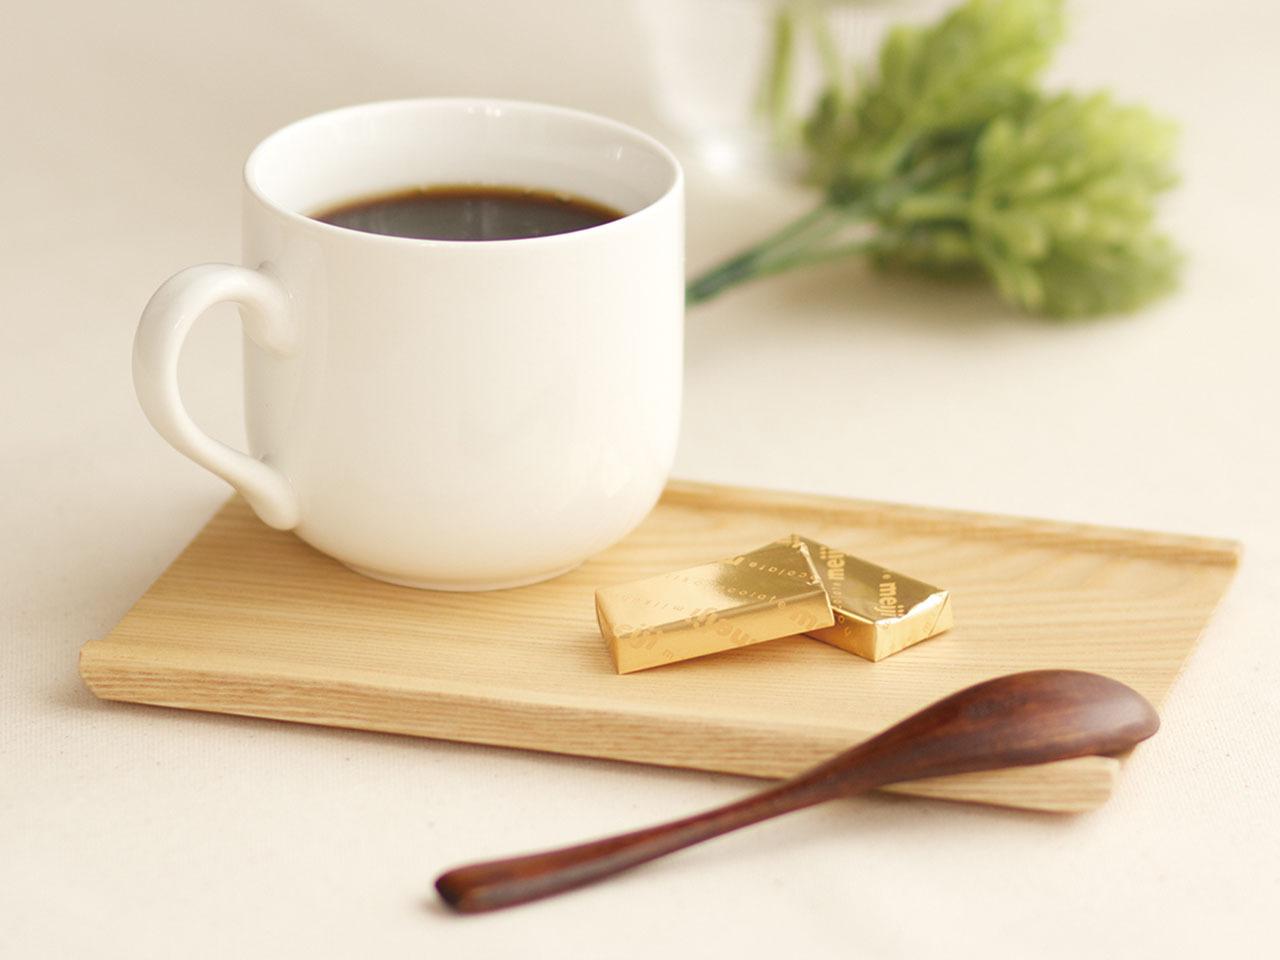 送料無料! 日本製のカフェトレー 「おひとり様トレー2枚セット」 コーヒースプーン付(shop限定セット)